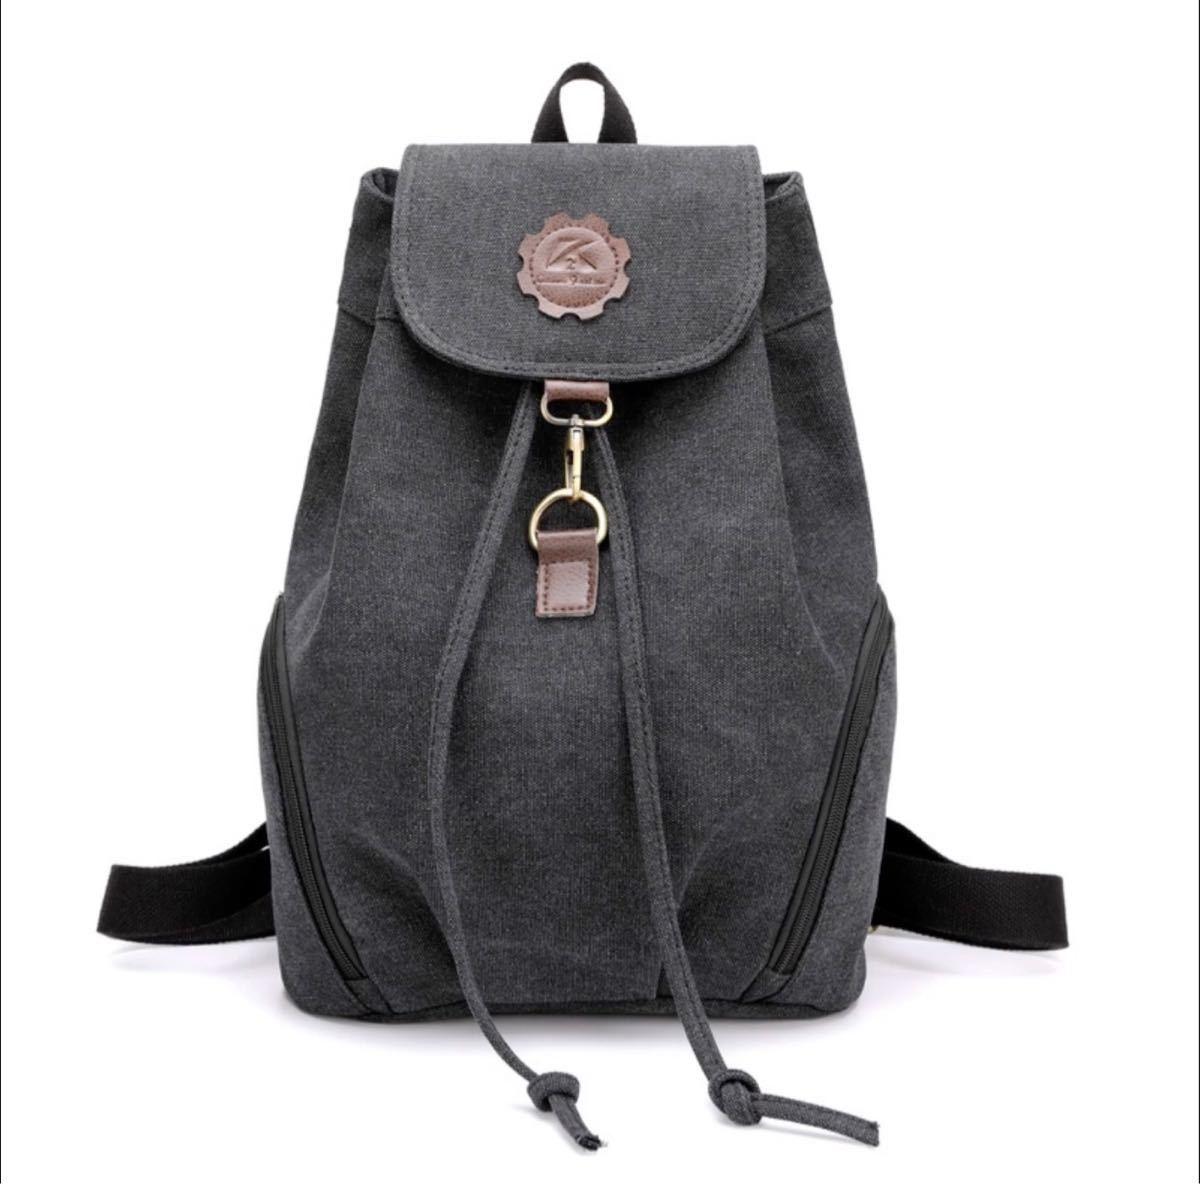 リュックサック レディースバッグ メンズバッグ 旅行用バッグ 通勤 通学 大容量 高品質 軽量 男女兼用 ブラック